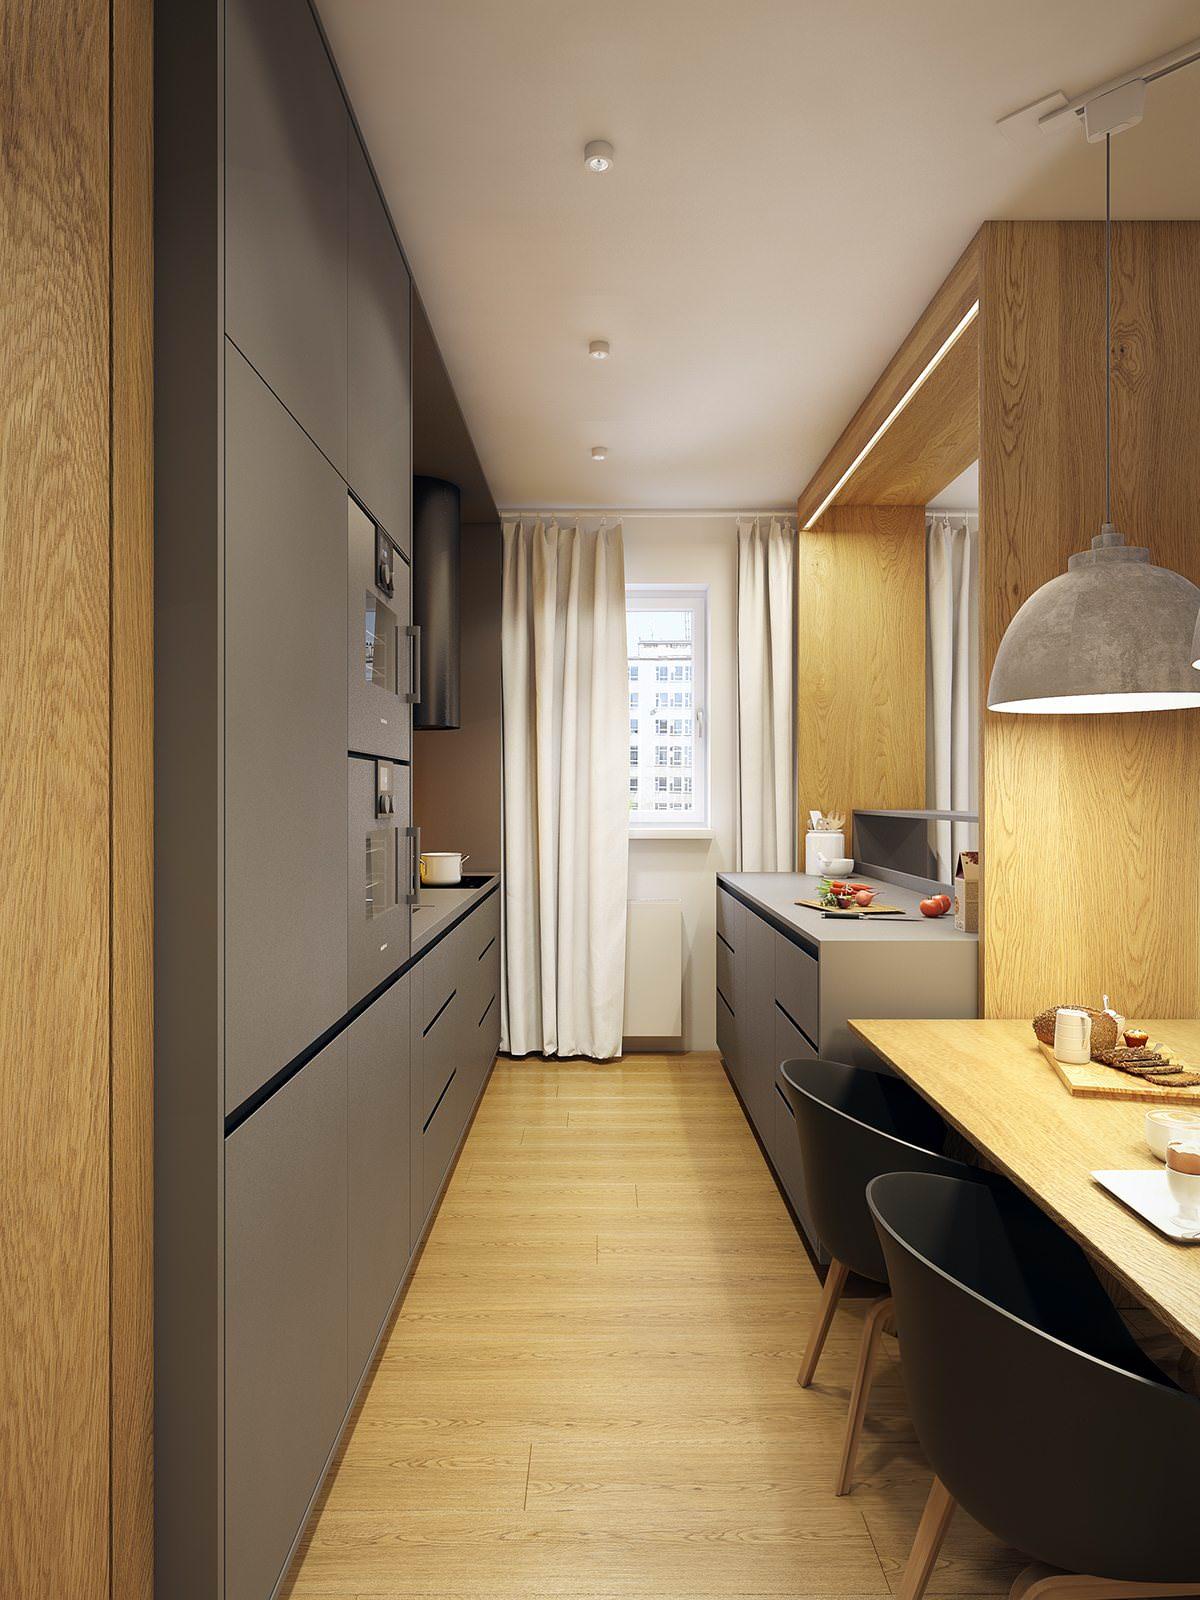 interioren-proekt-za-apartament-v-moderen-skandinavski-stil-5g